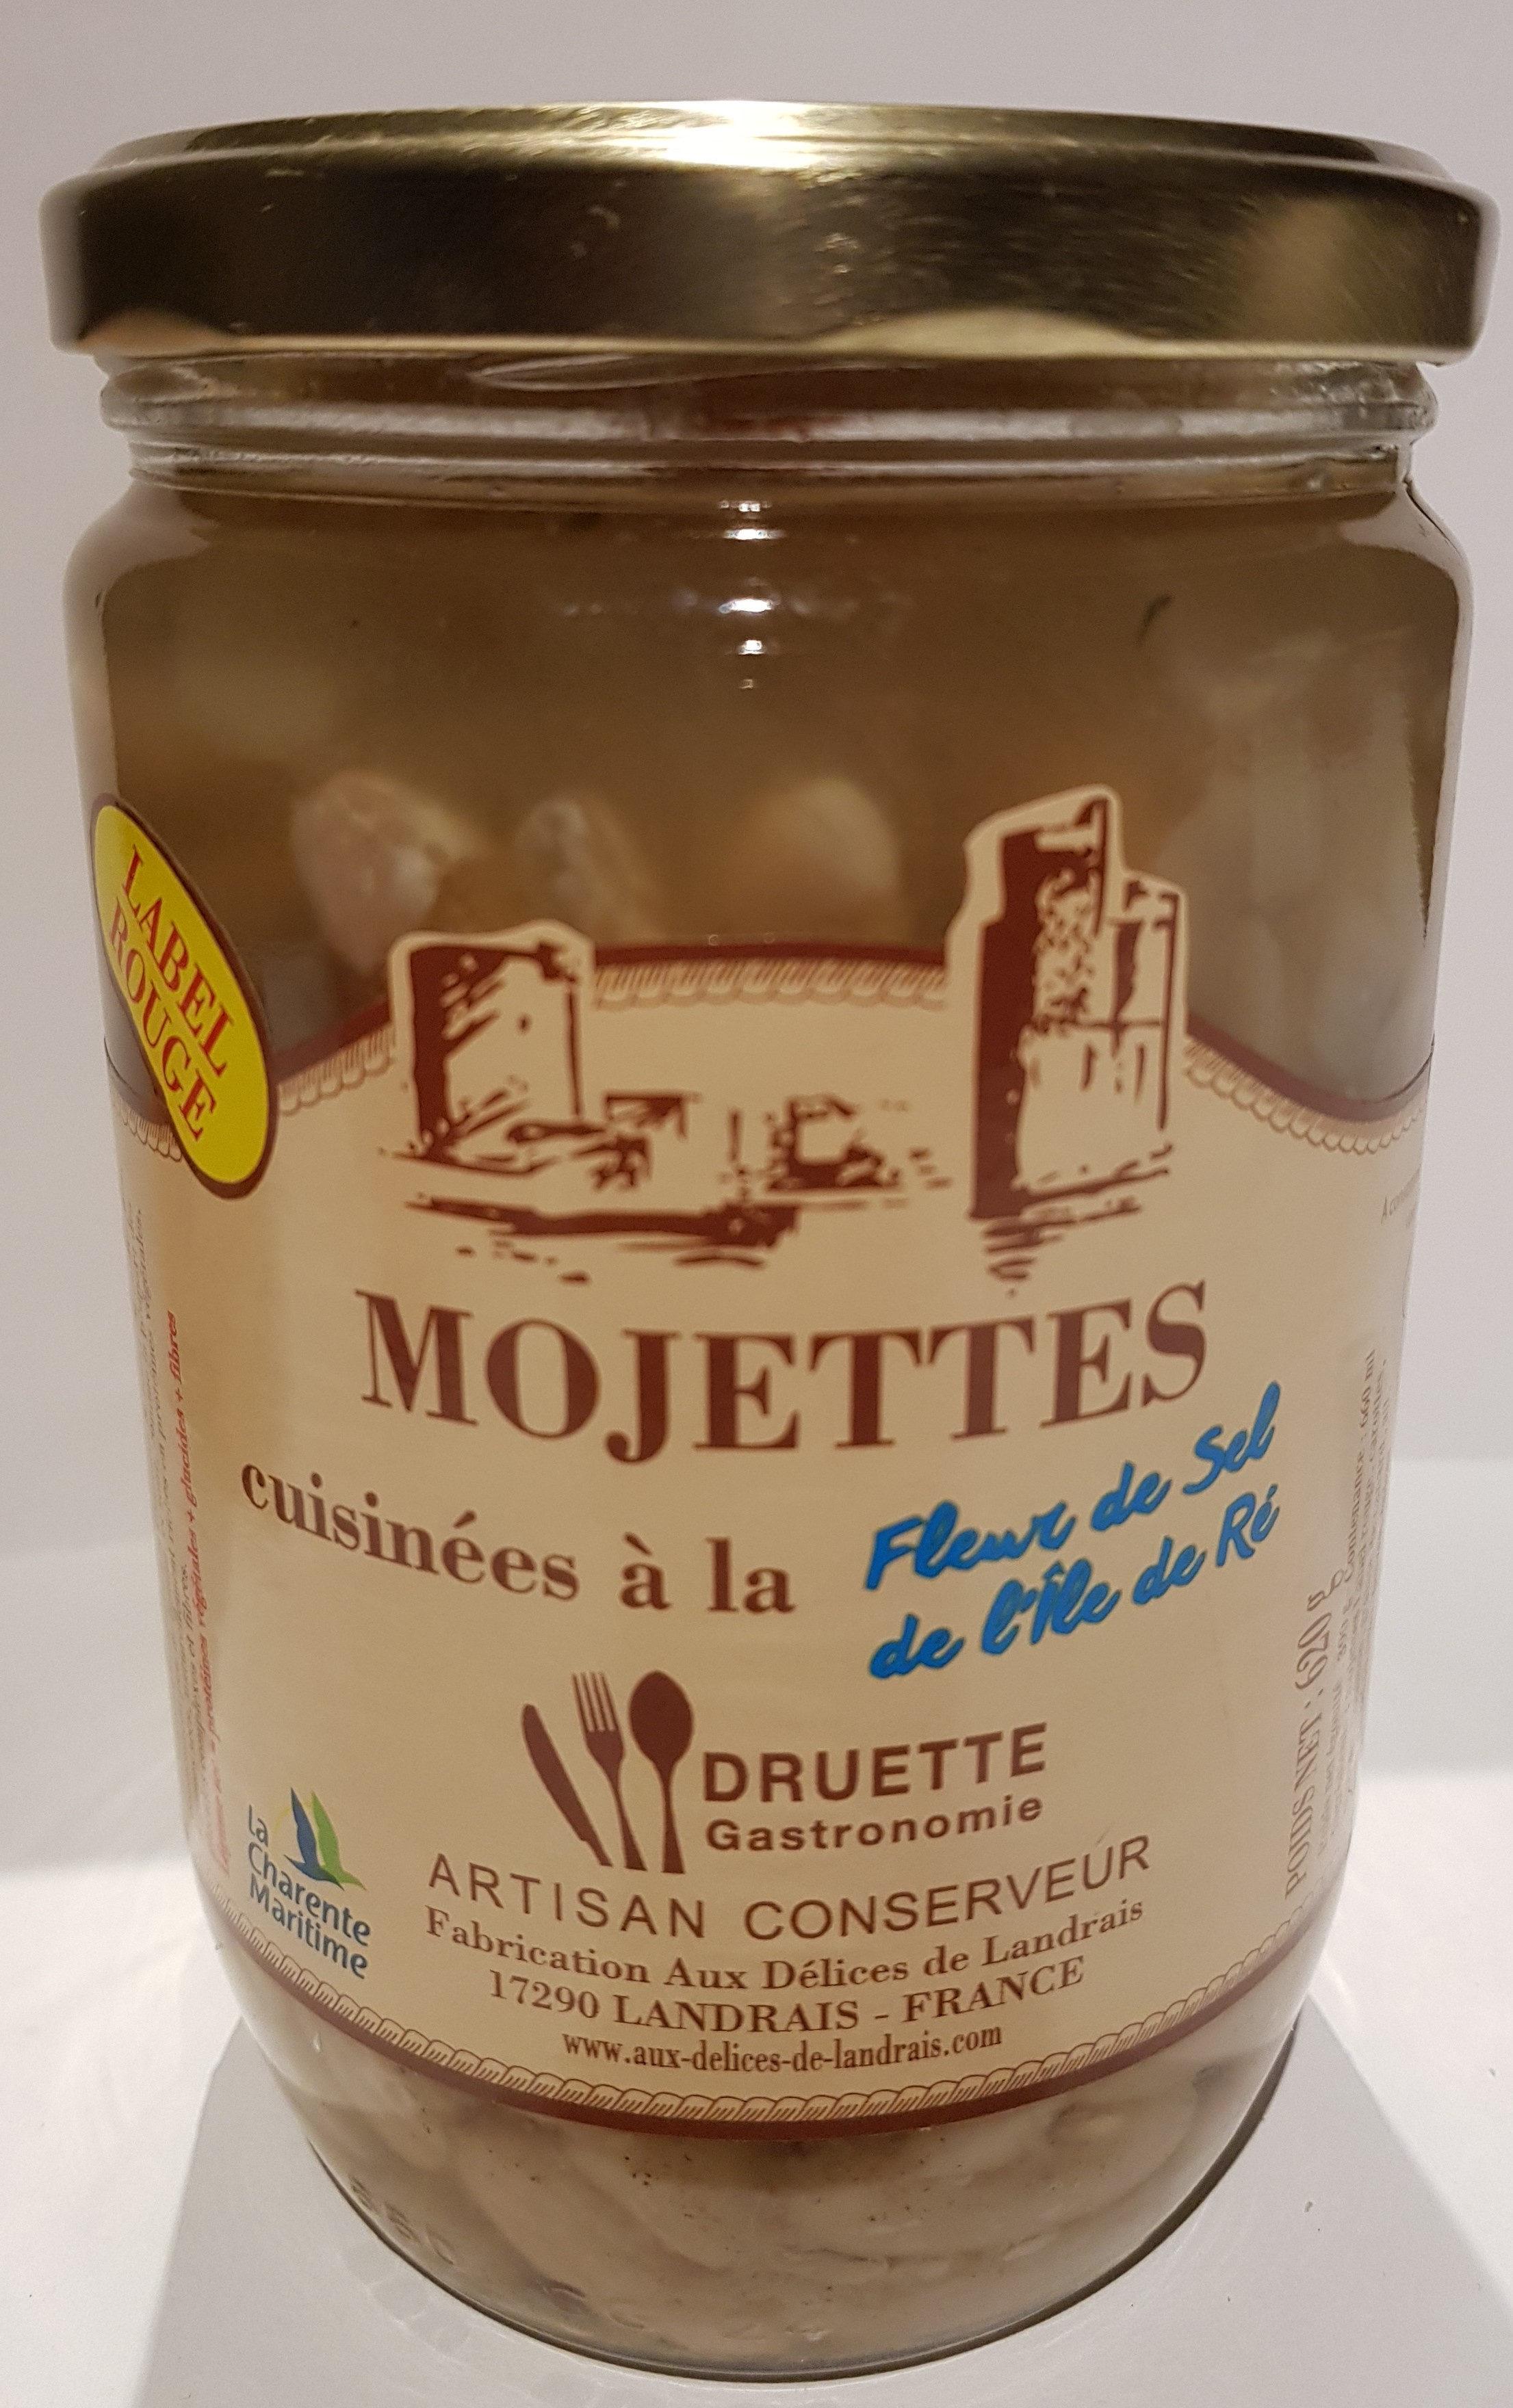 Mojettes cuisinees a la fleur de sel - Product - fr